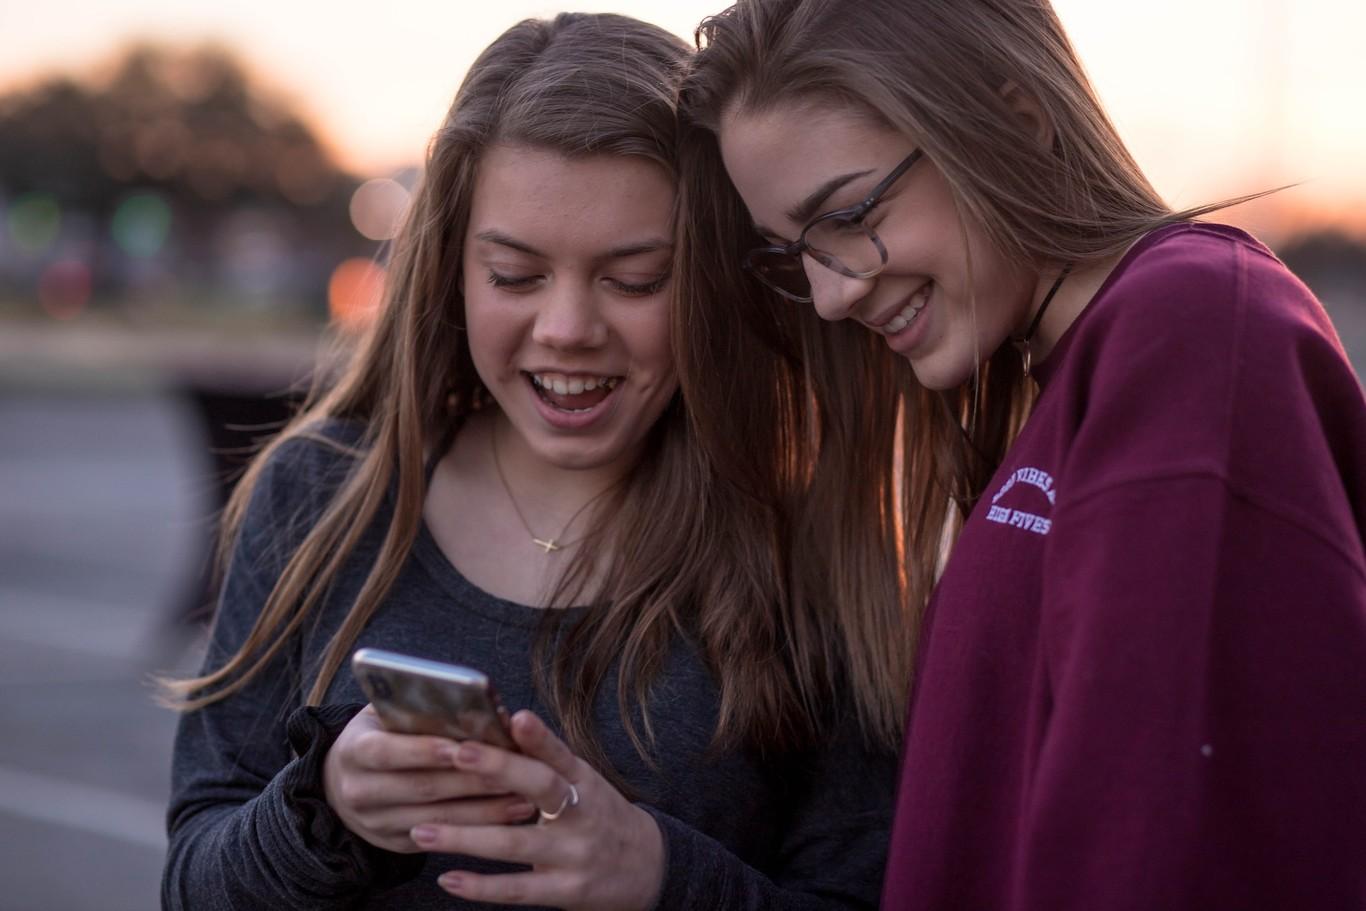 Peli Porno Gratis Completa Castigada Entre Varios sexting adolescente: del tabú a la frivolización